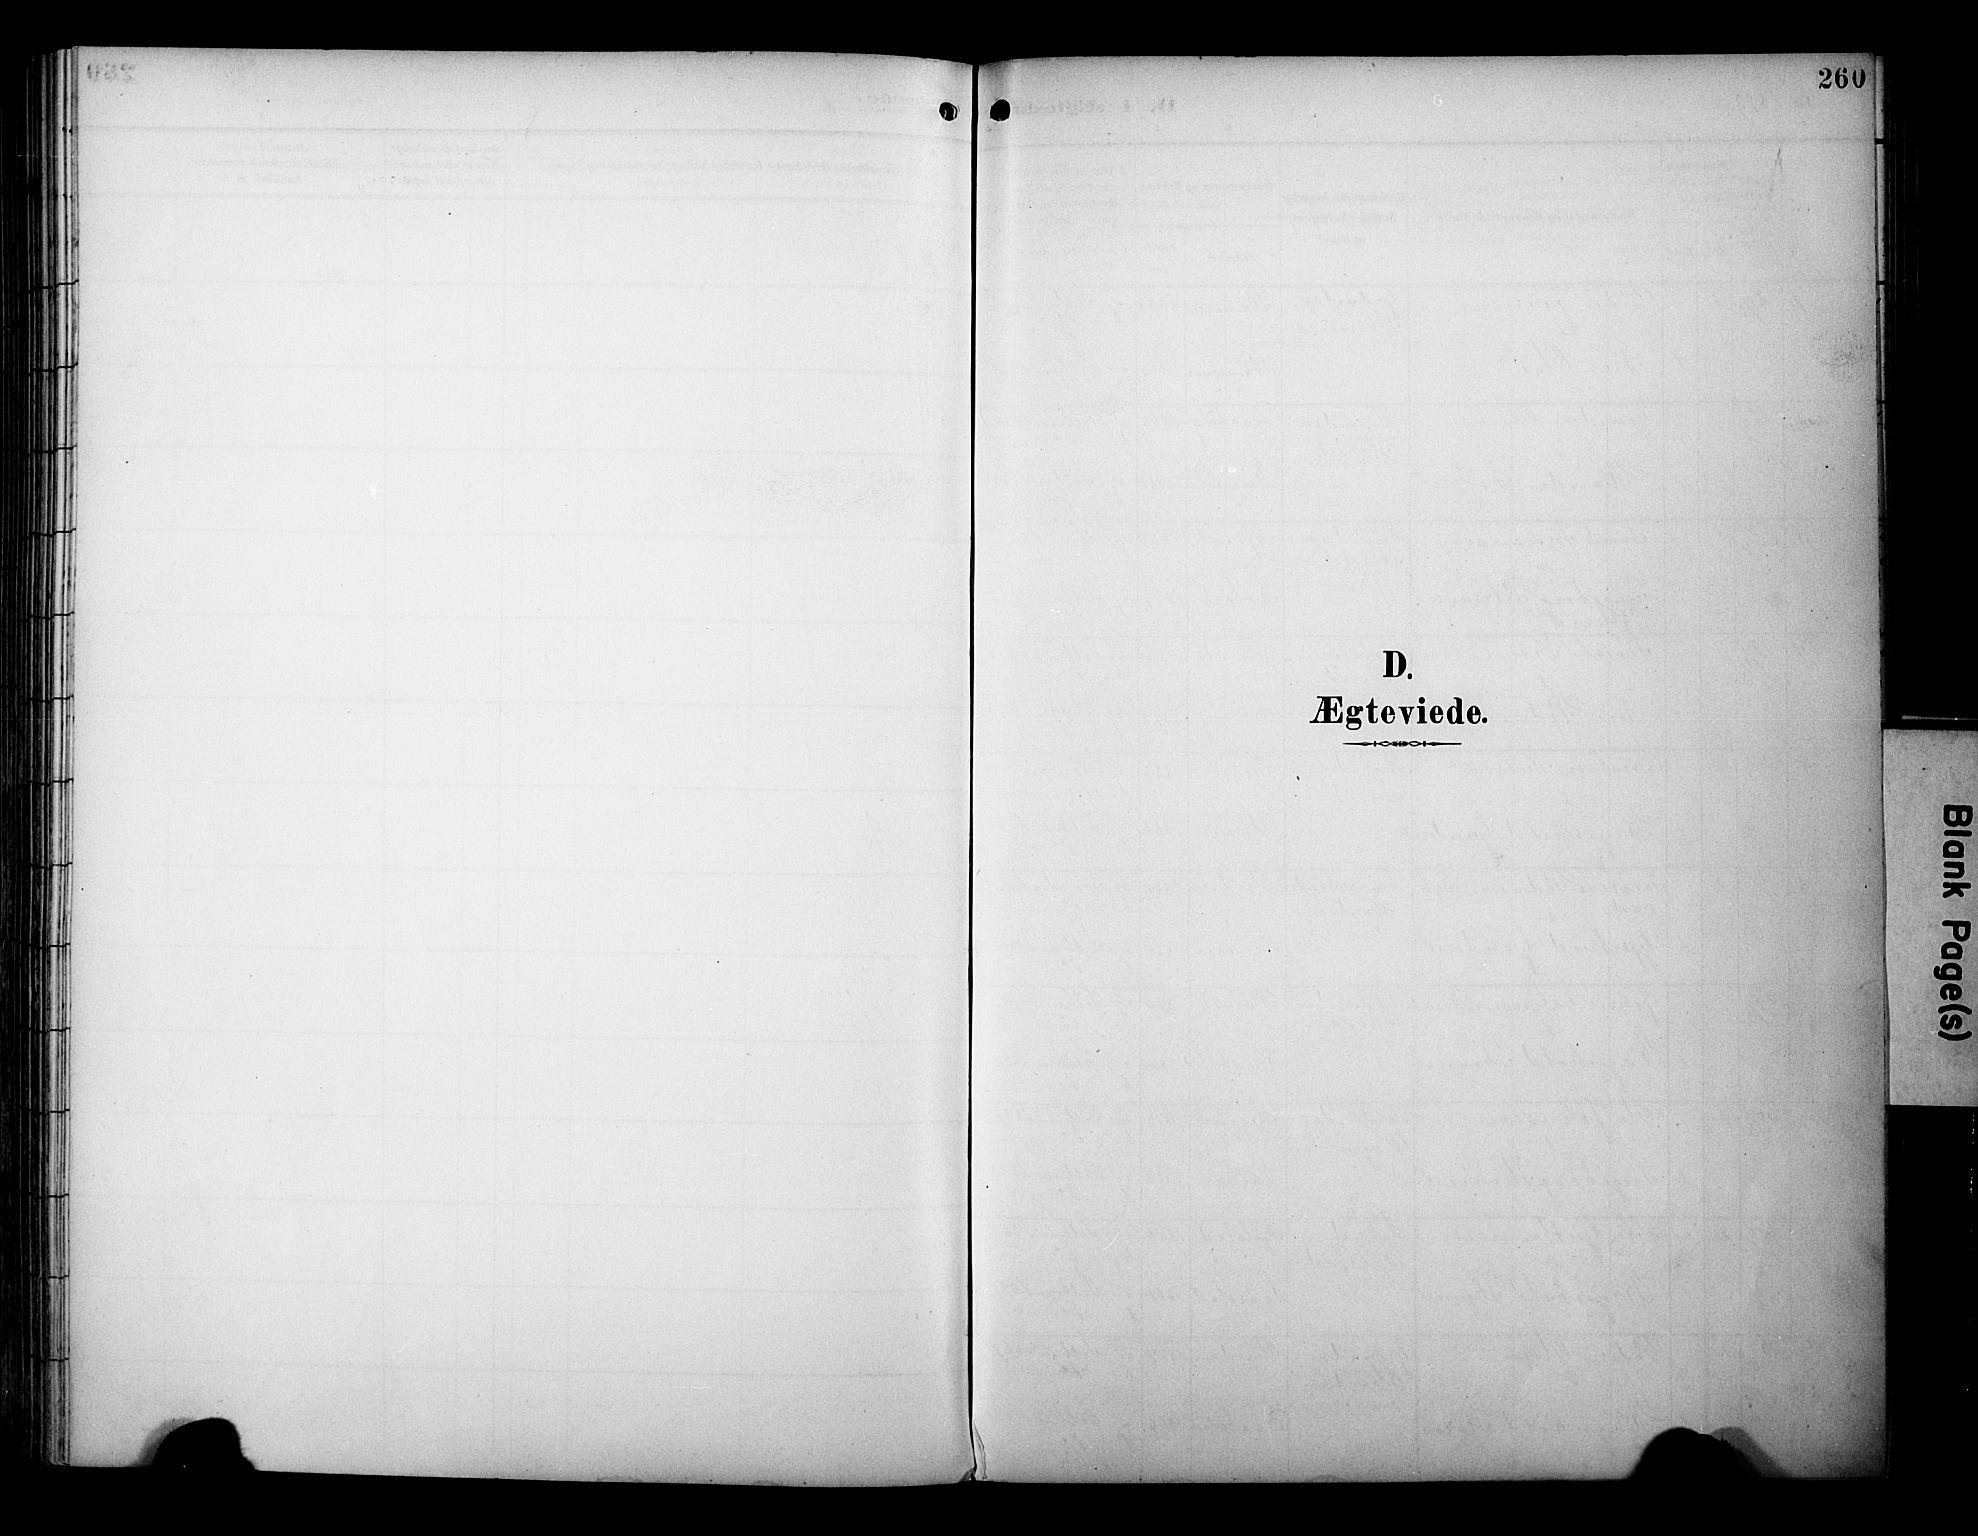 SAT, Ministerialprotokoller, klokkerbøker og fødselsregistre - Sør-Trøndelag, 695/L1149: Ministerialbok nr. 695A09, 1891-1902, s. 260